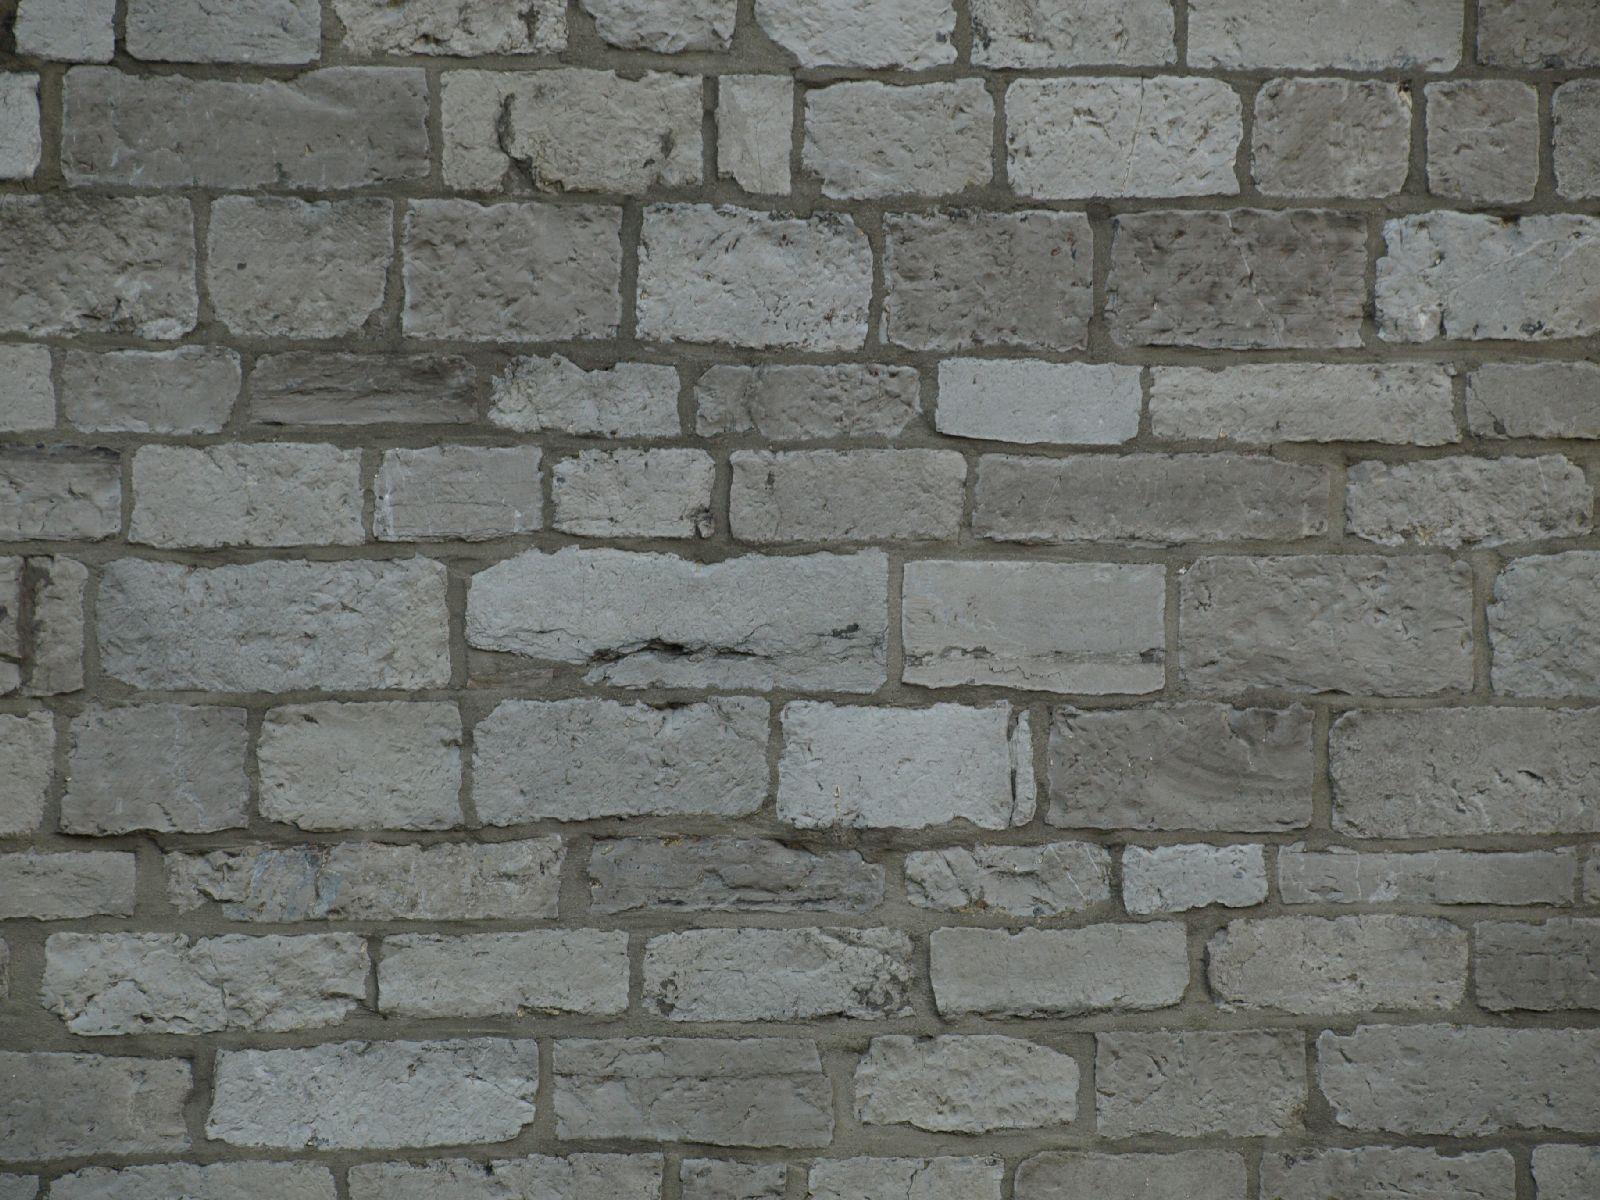 Wand-Steinbloecke-Quader_Textur_A_P6178005